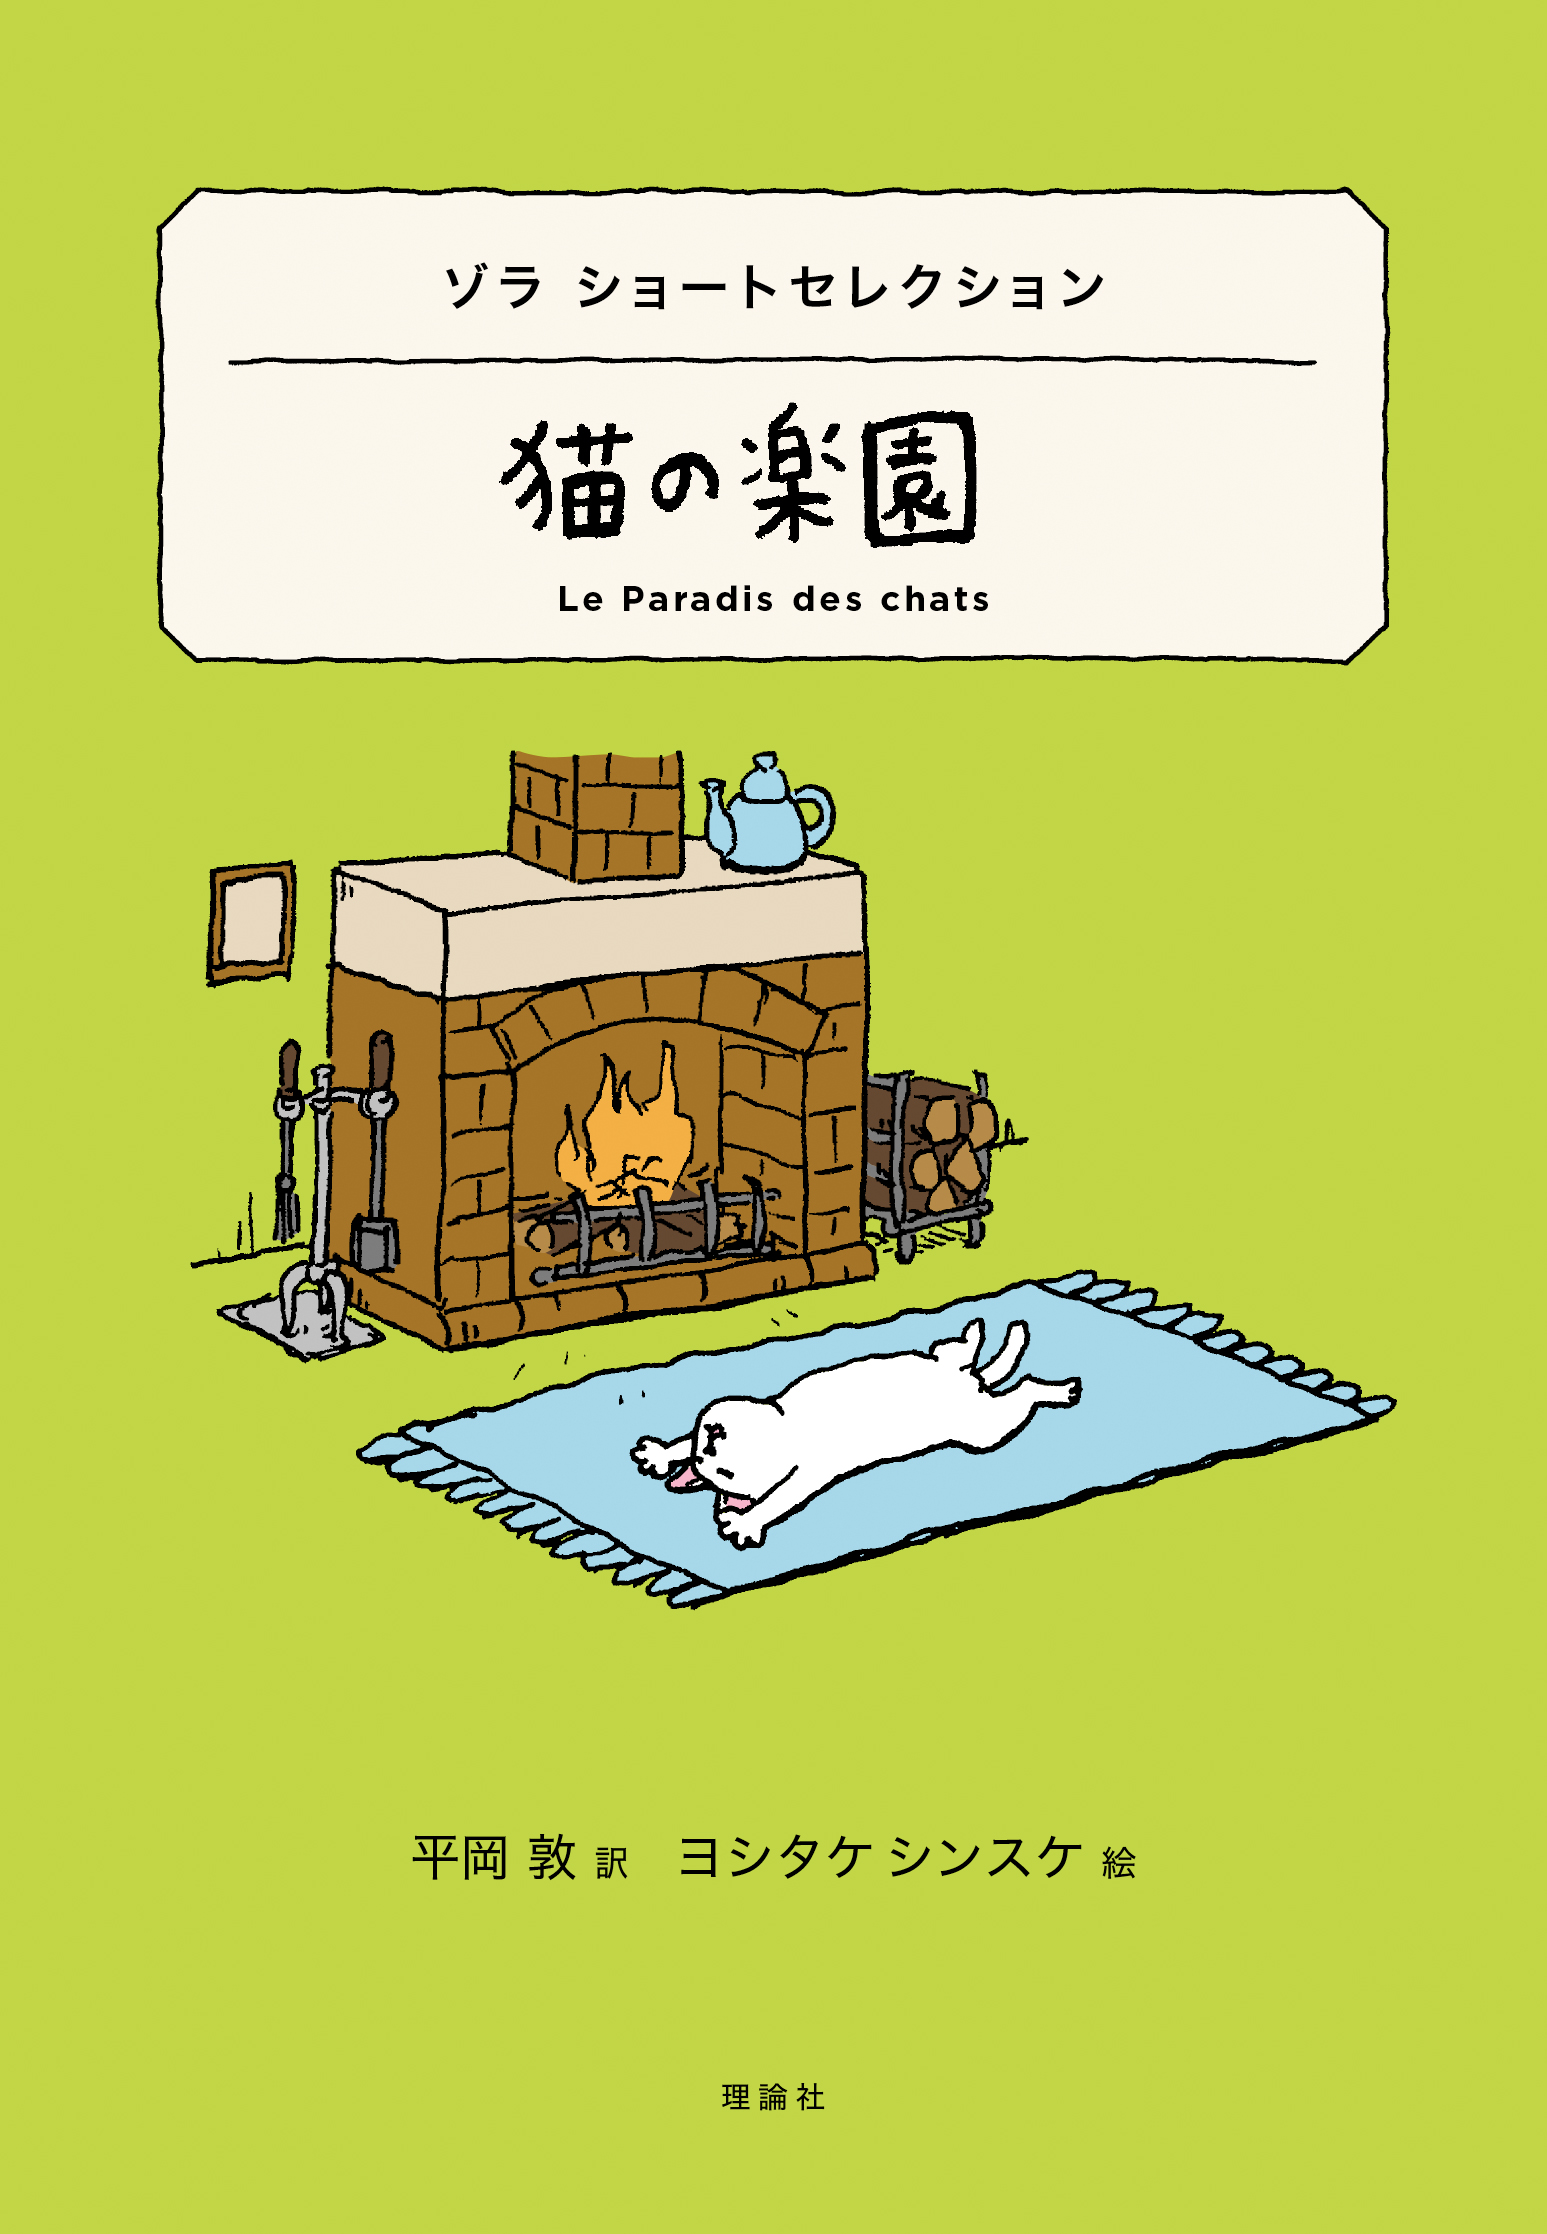 ゾラ ショートセレクション 猫の楽園